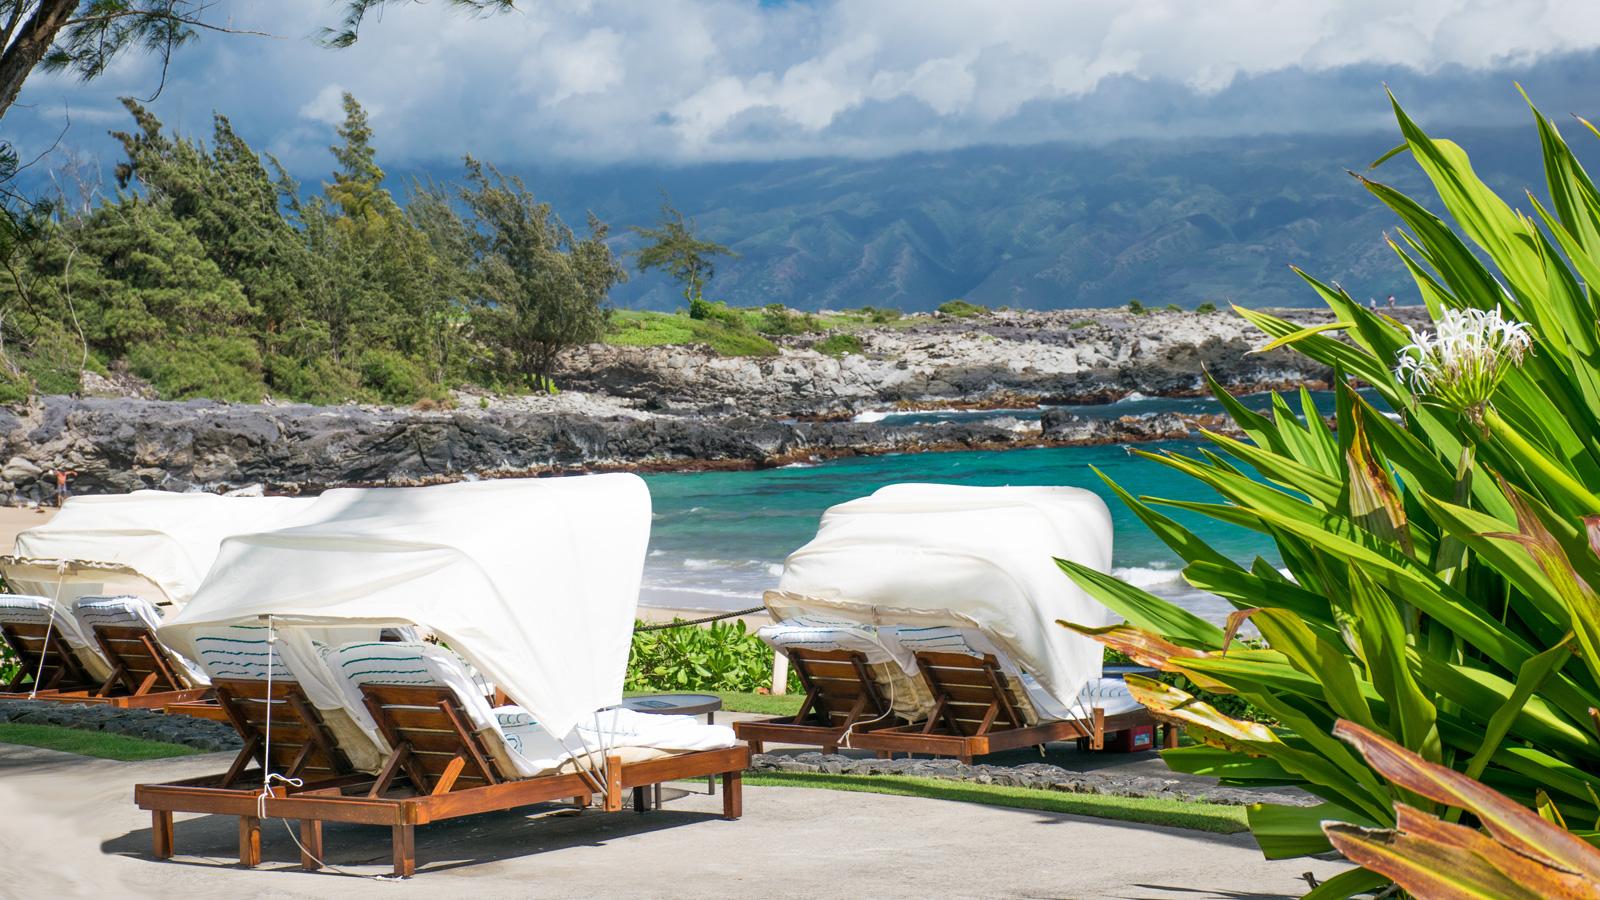 Ritz Carlton Kapalua Residential Suites